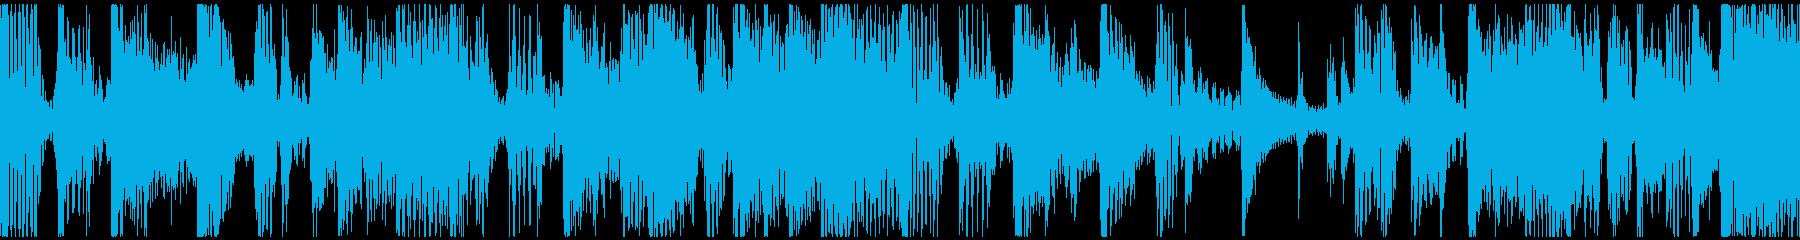 ループ。ギターカッティング。70年代風。の再生済みの波形